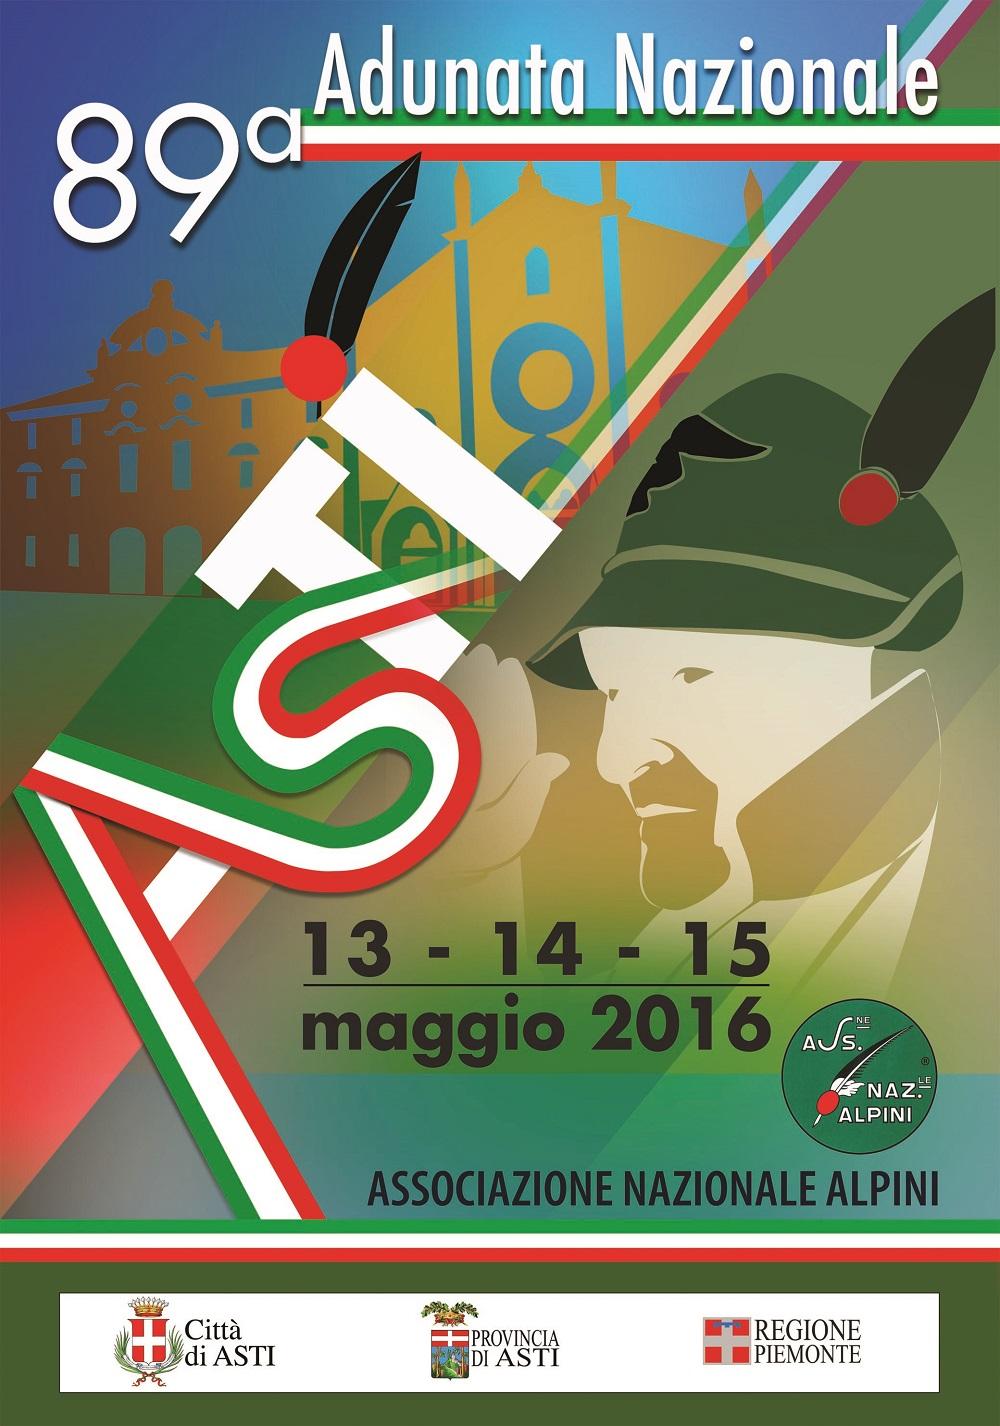 Alpini, al lavoro per l'Adunata nazionale 2016 ad Asti: ecco il manifesto e la medaglia ufficiali